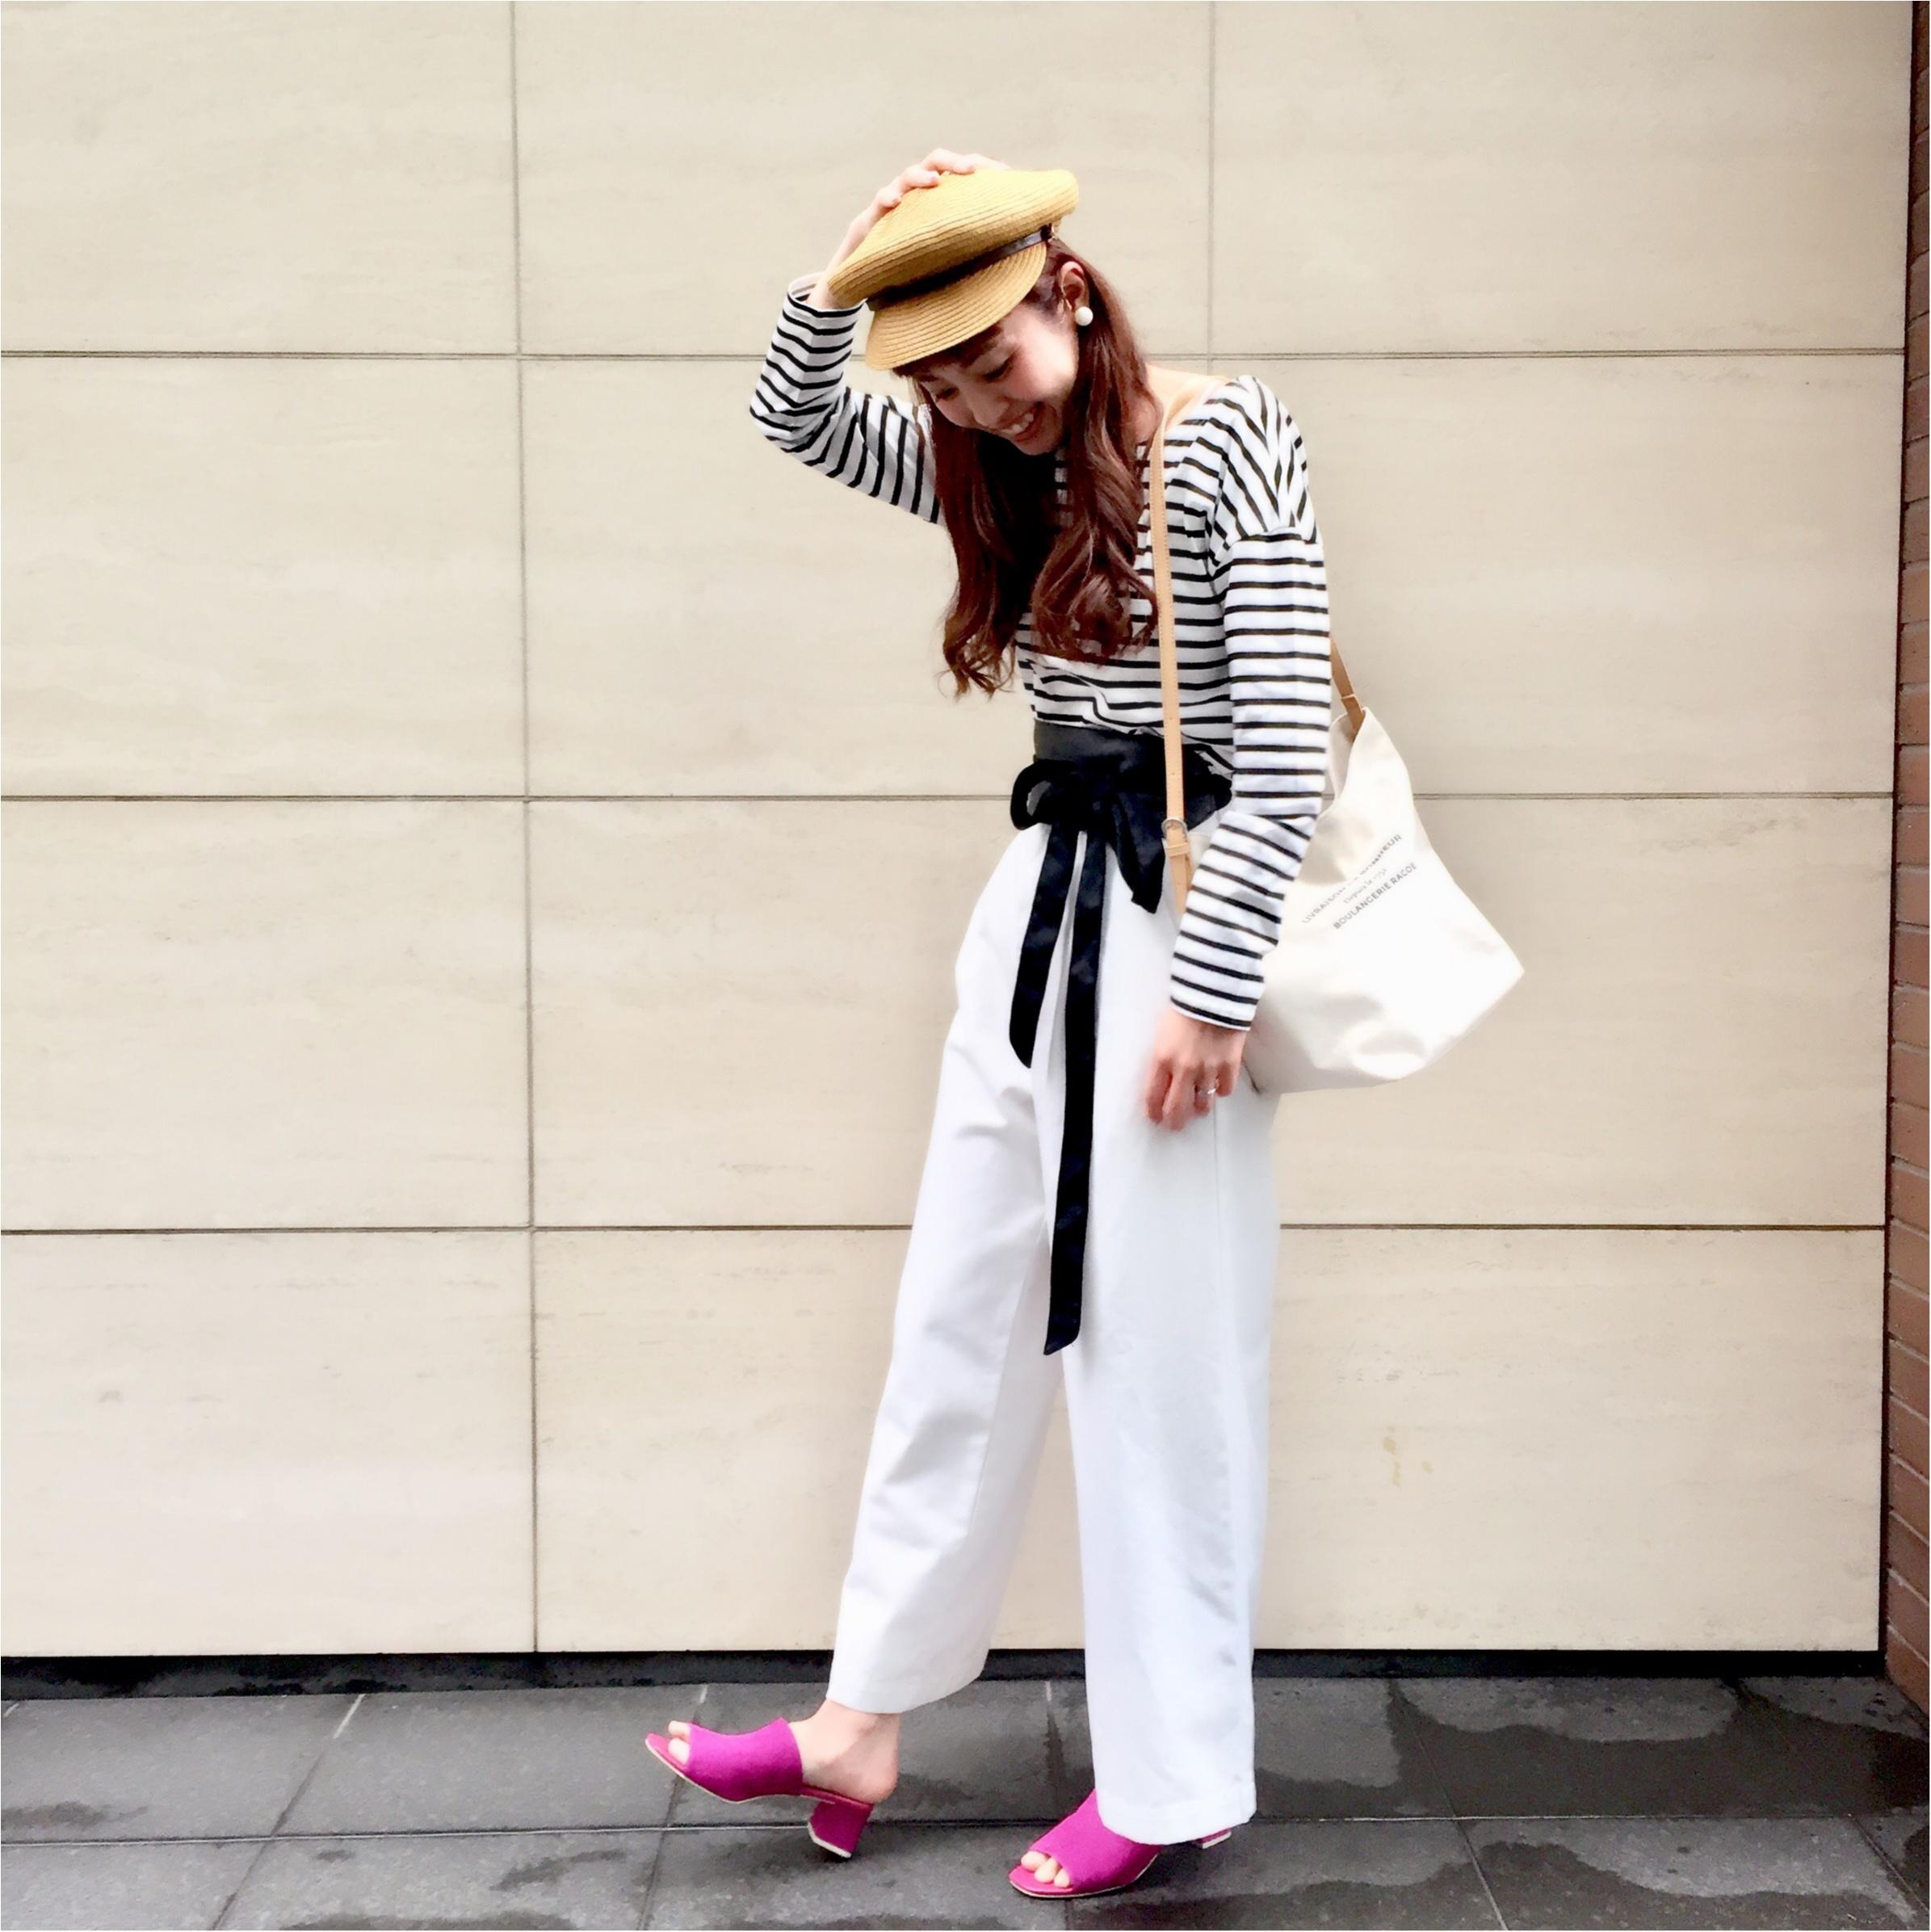 集英社公式通販サイト【FLAG SHOP】でGET MORE!!今買って夏まで着れちゃうものばかりをご紹介!!_4